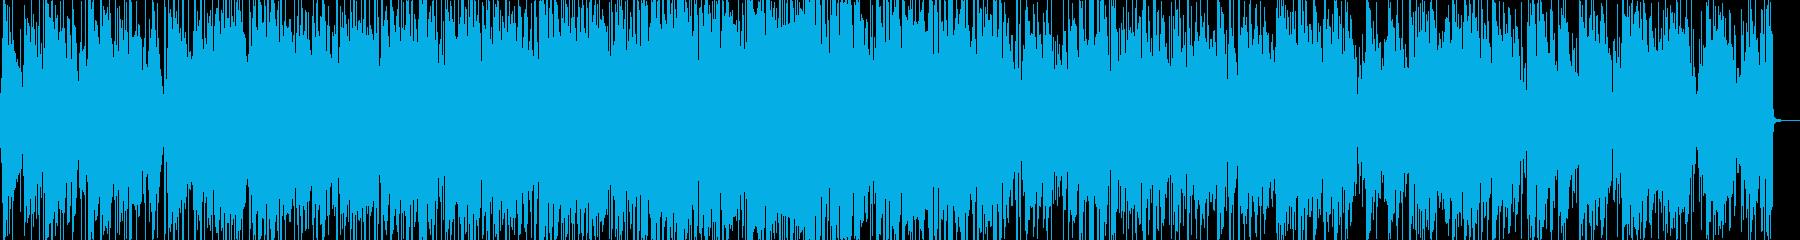 爽やかなボサノバピアノの再生済みの波形